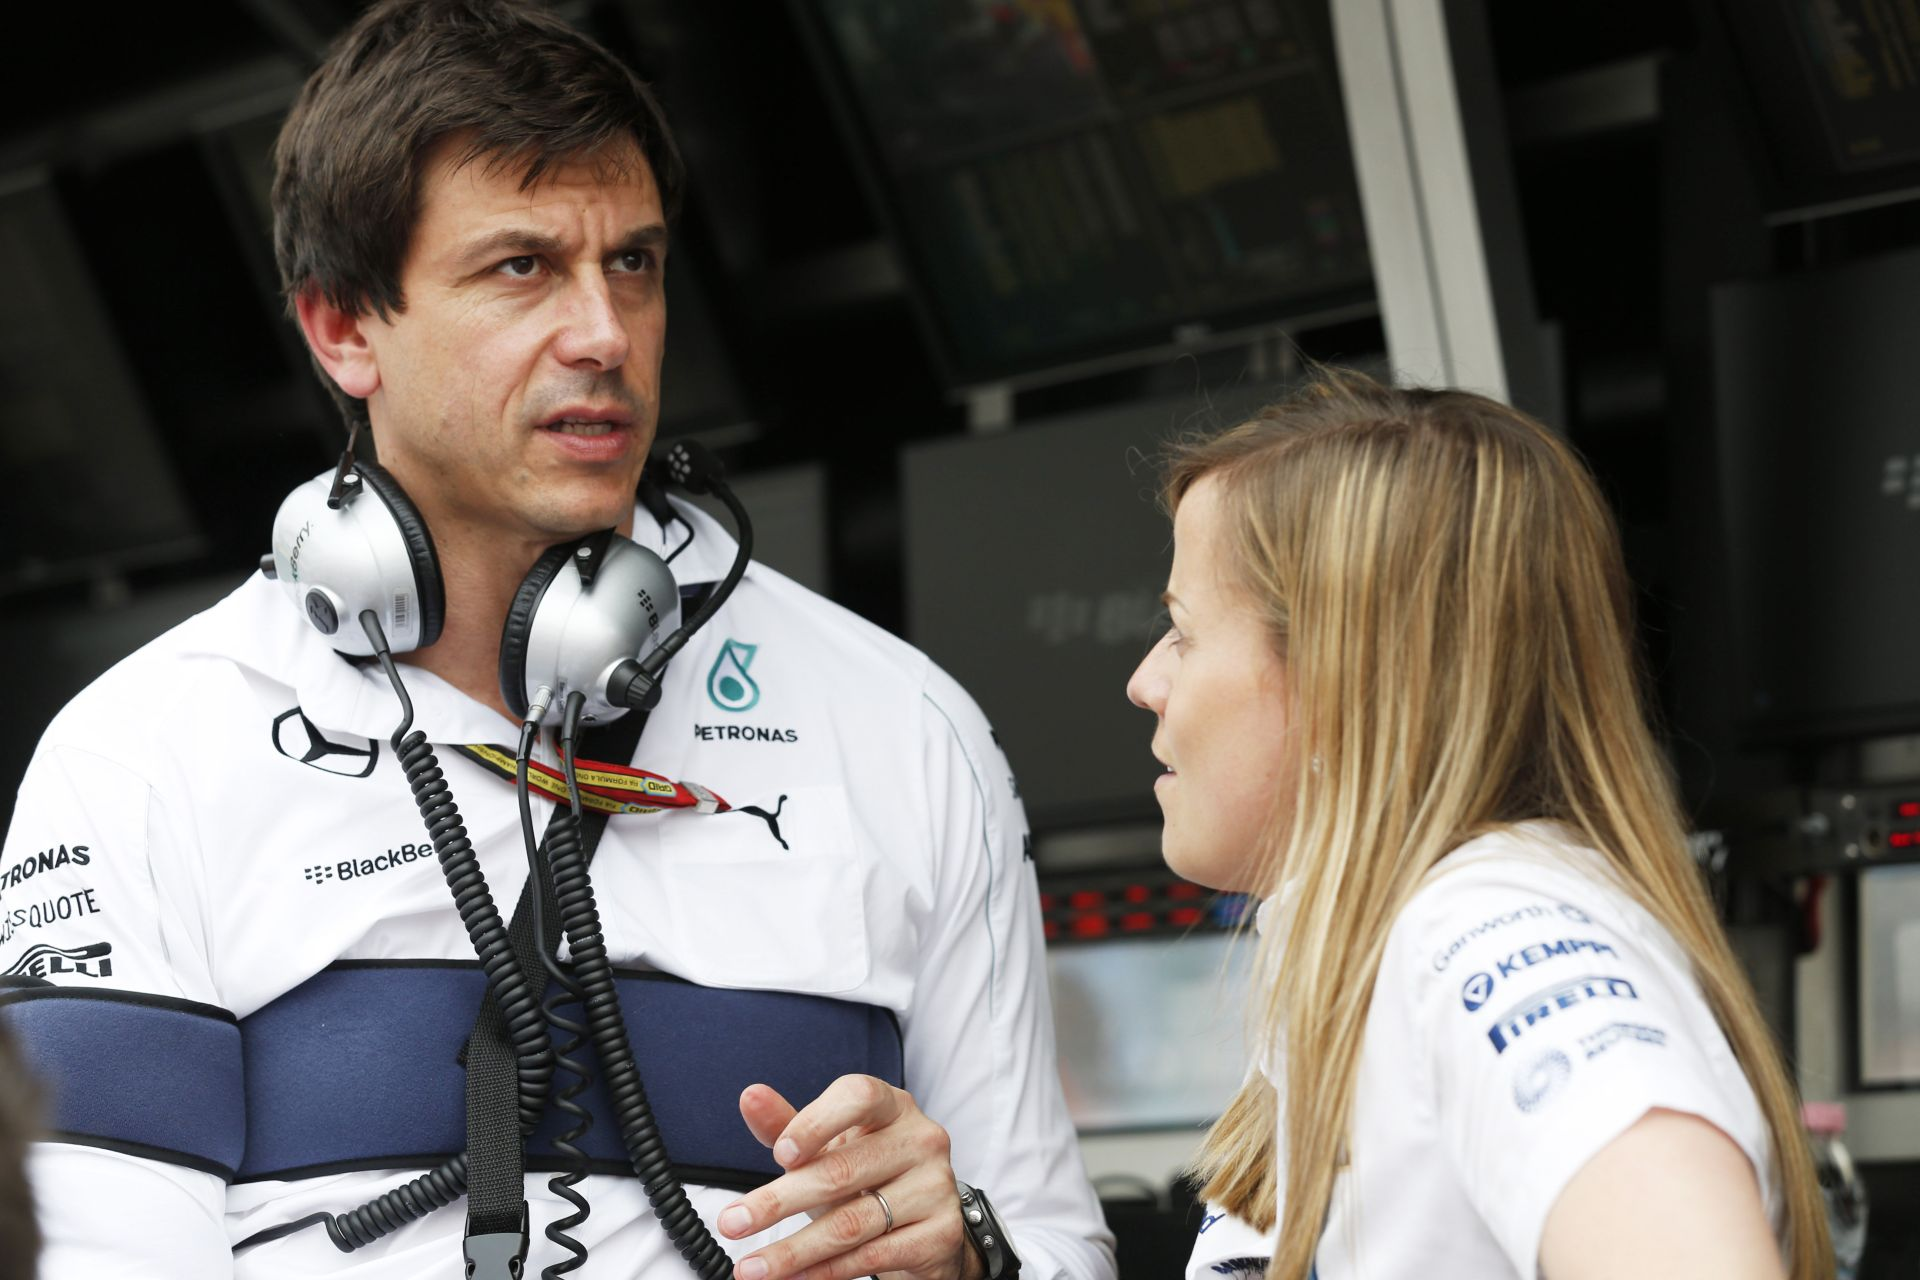 A Mercedes ezentúl finomabban kéri majd meg Hamiltont, hogy engedje el Rosberget